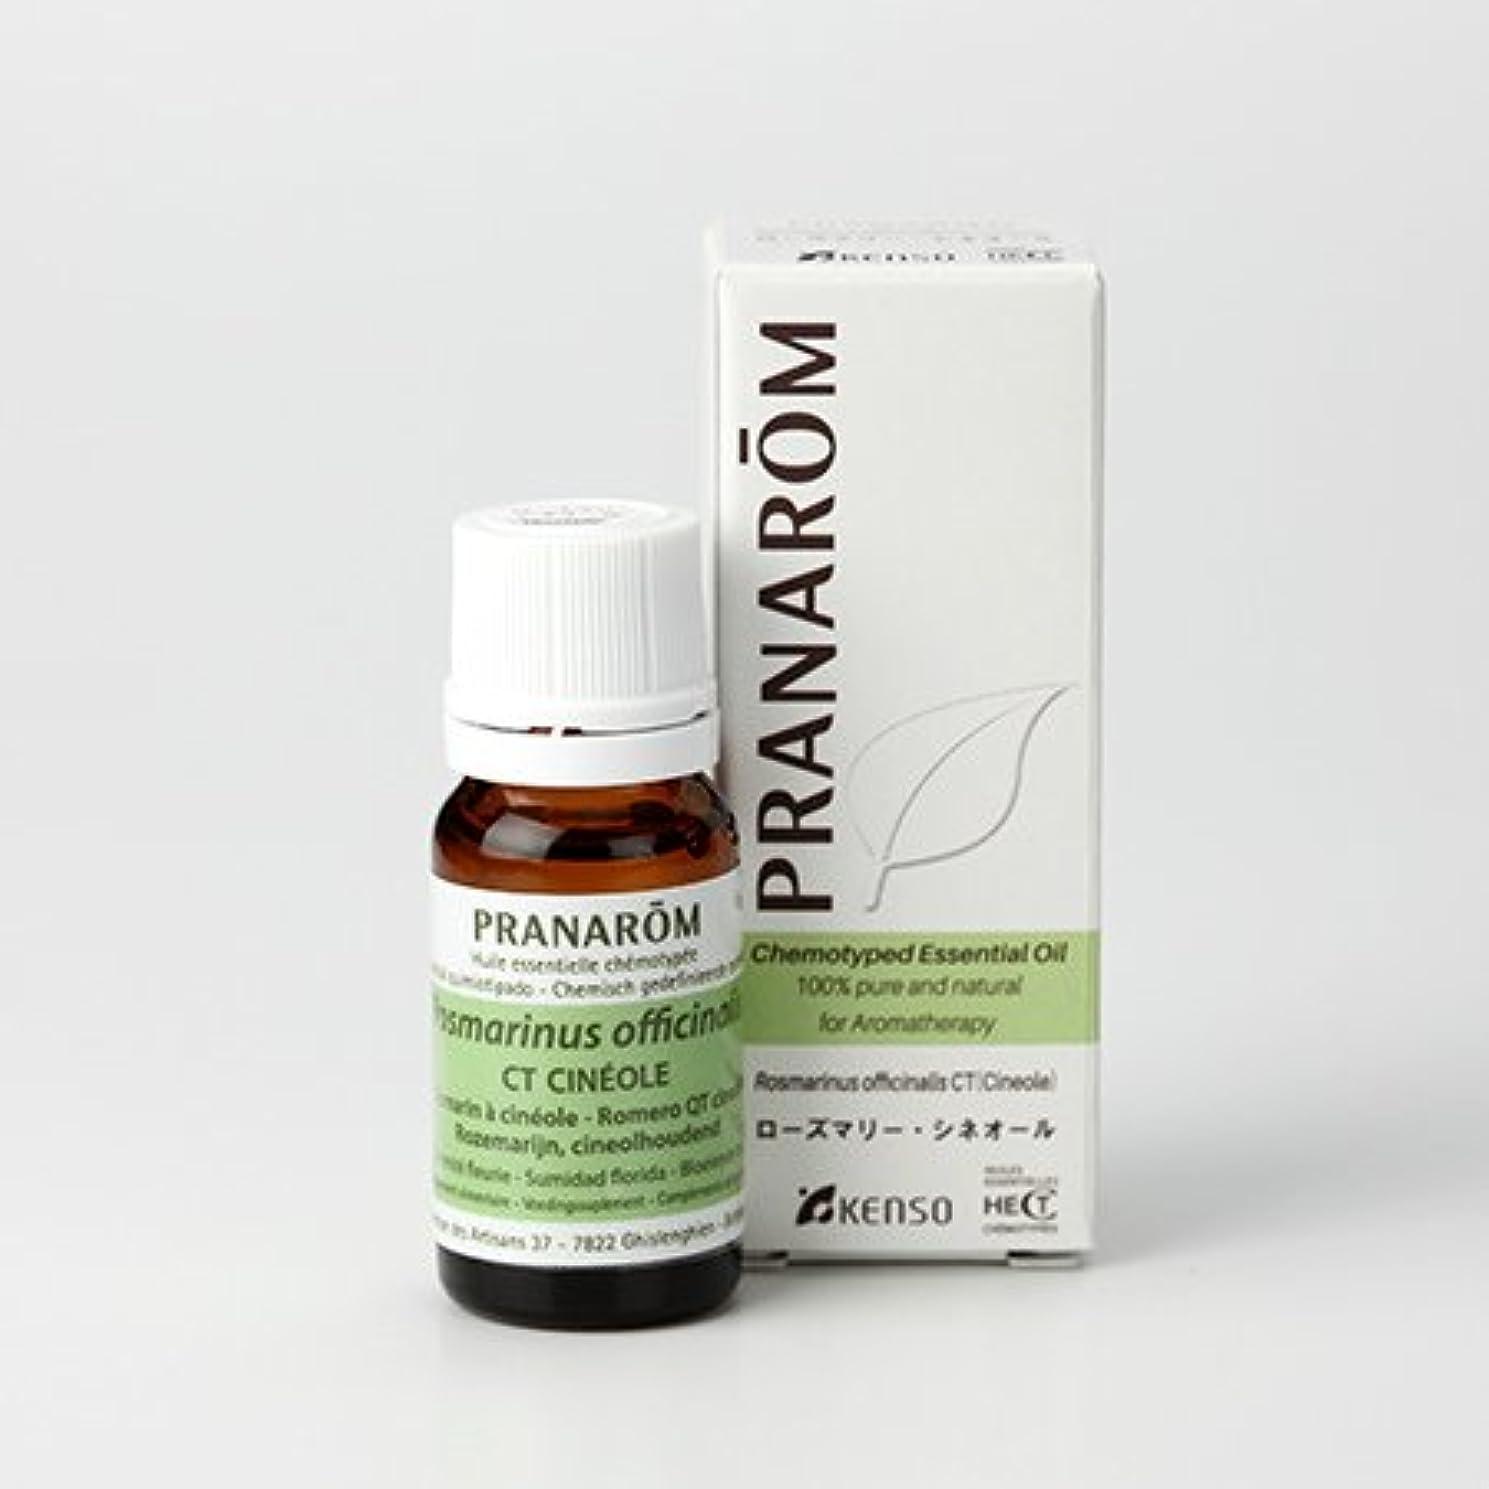 レギュラー着実にマウスピースプラナロム ローズマリーシネオール 10ml (PRANAROM ケモタイプ精油)